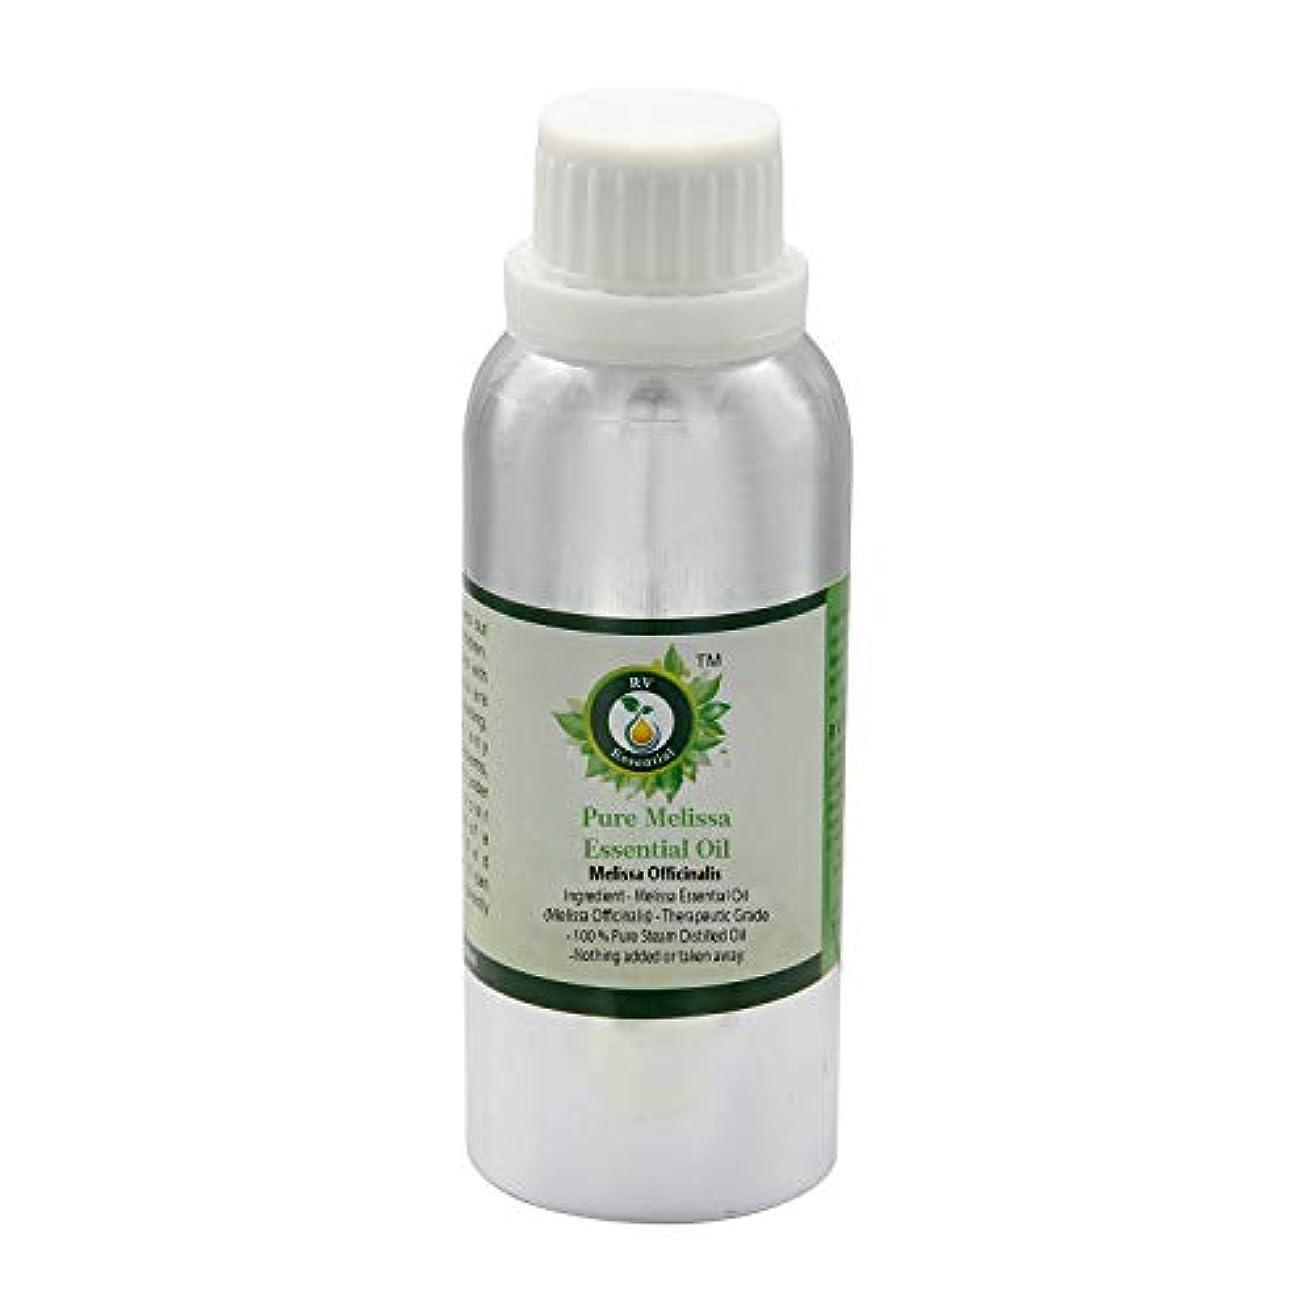 ピュアエッセンシャルオイルメリッサ300ml (10oz)- Melissa Officinalis (100%純粋&天然スチームDistilled) Pure Melissa Essential Oil